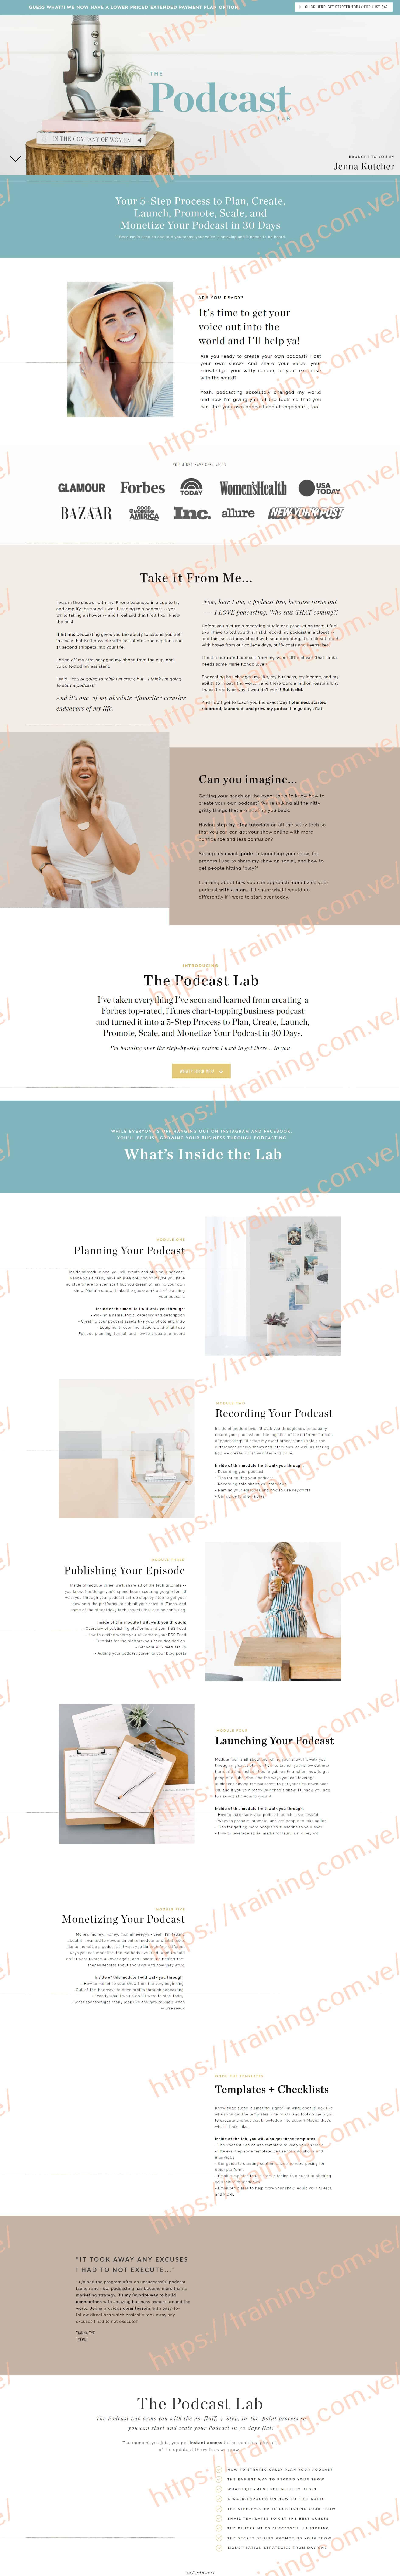 The Podcast Lab by Jenna Kutcher Sale Page